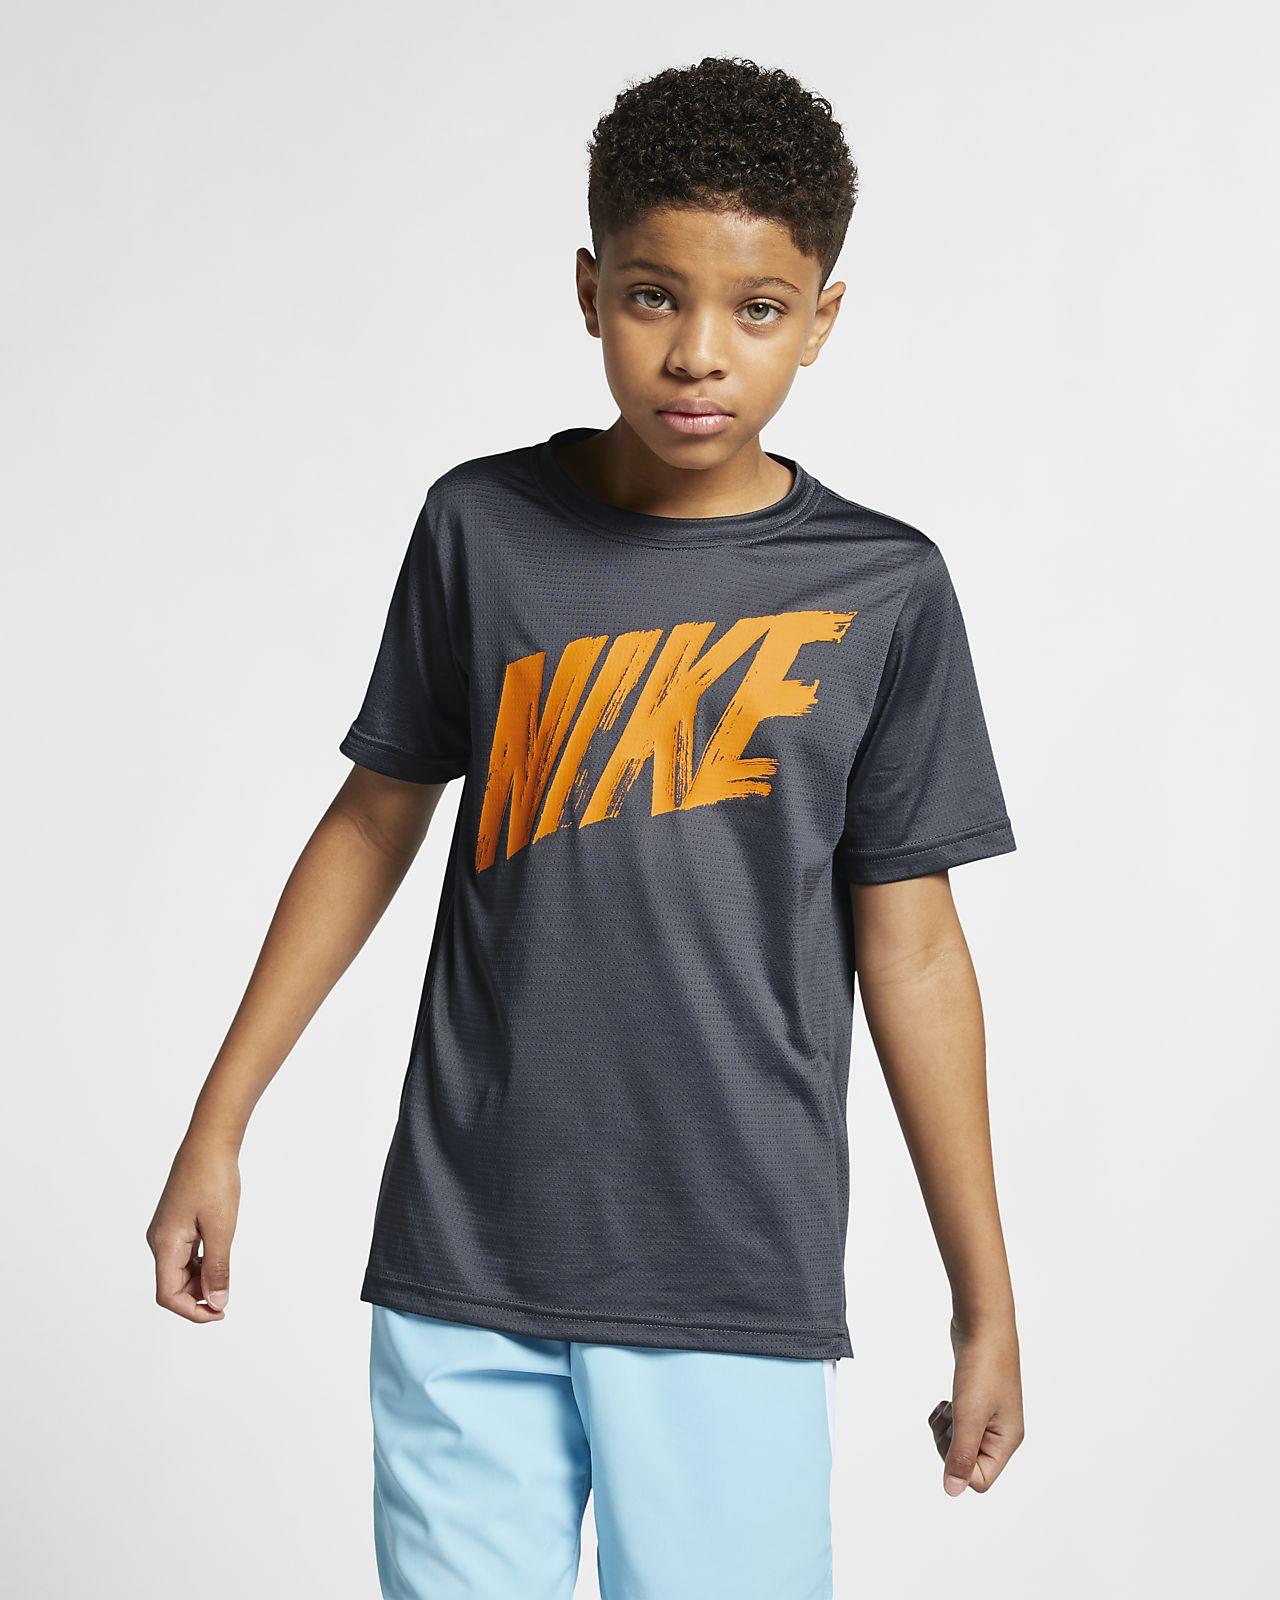 Κοντομάνικη μπλούζα προπόνησης Nike Dri-FIT για μεγάλα αγόρια